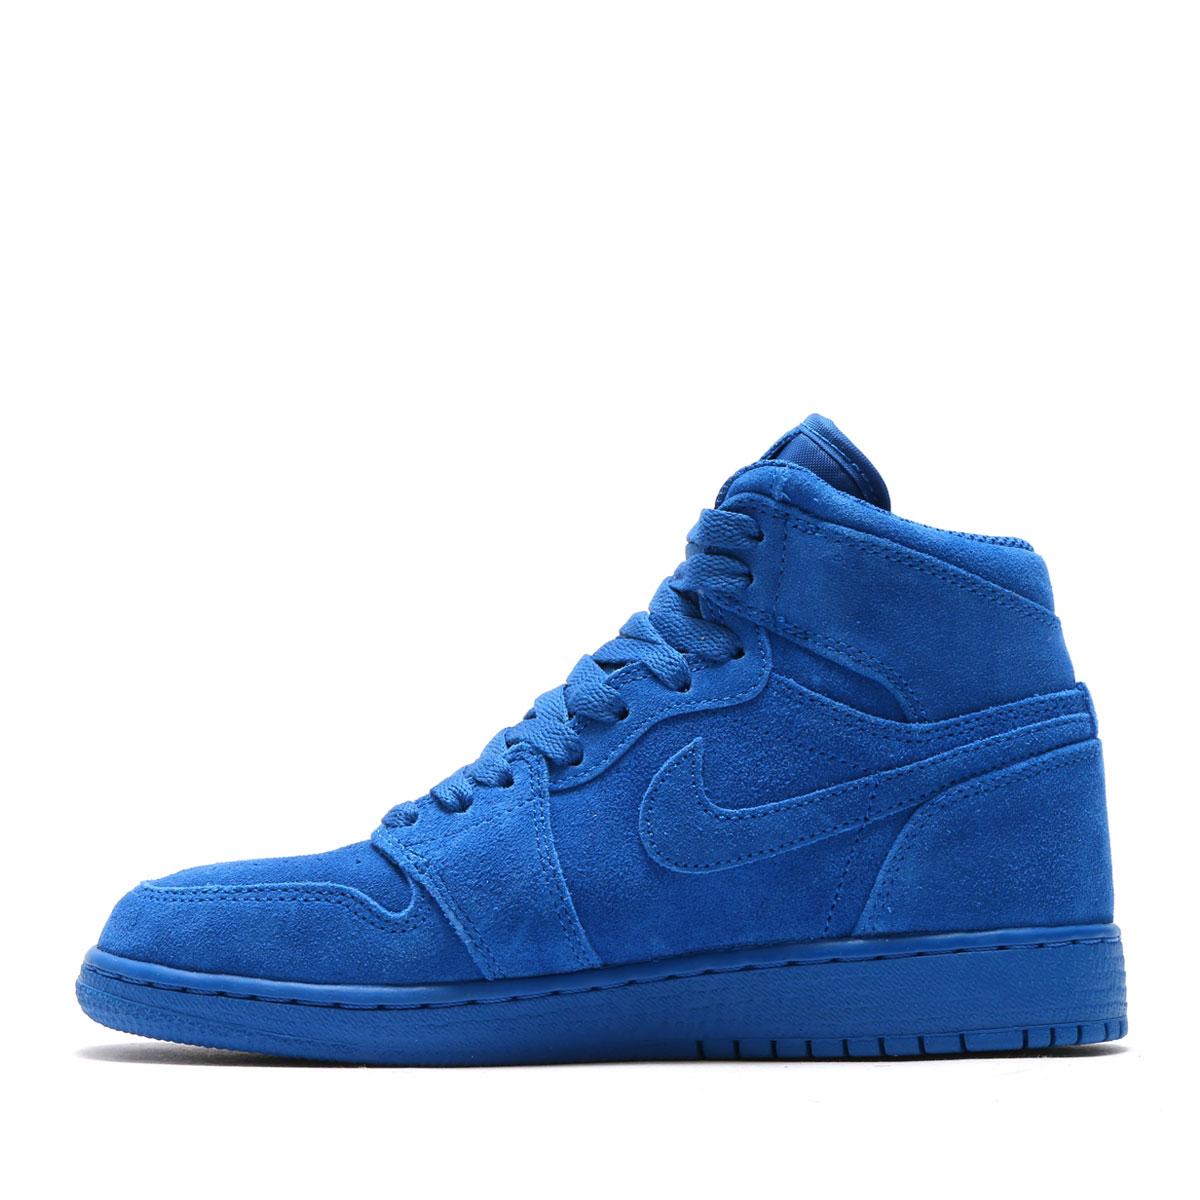 a6832034d783 NIKE AIR JORDAN 1 RETRO HIGH BG (Nike Air Jordan 1 nostalgic high BG) (TEAM  ROYAL TEAM ROYAL) 17SU-I